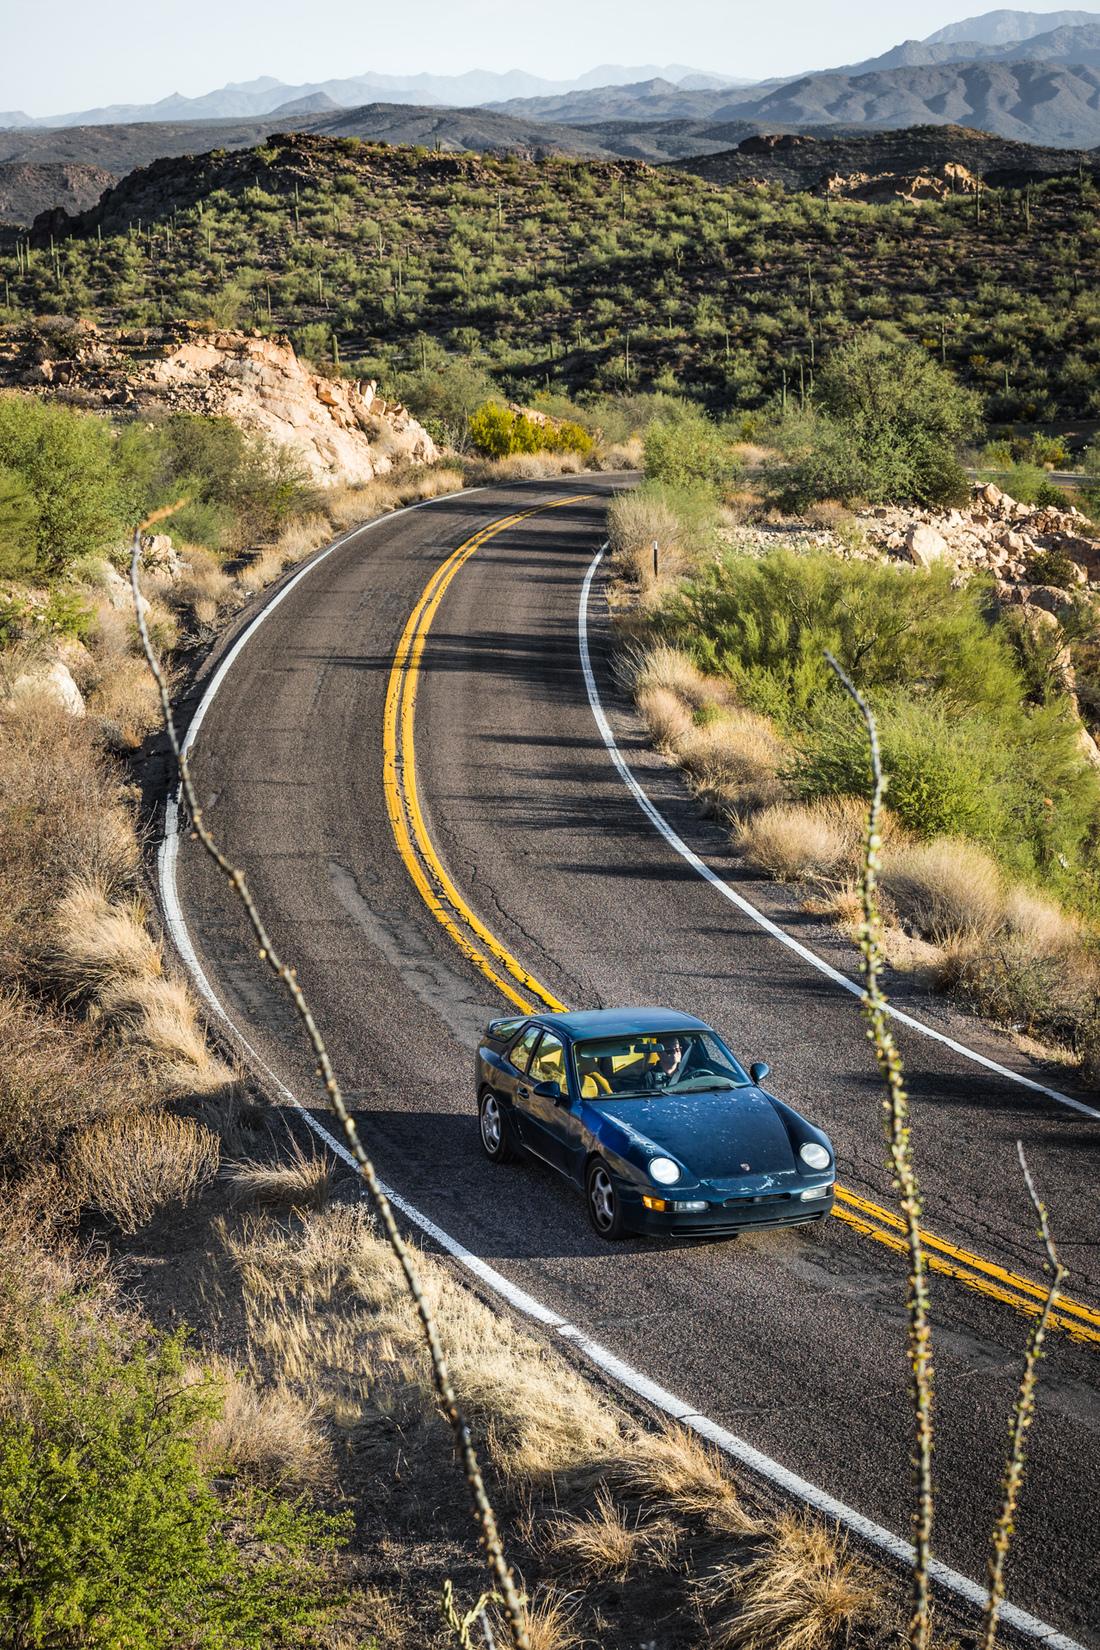 David Urbanic - Porsche & Mini - Mountains